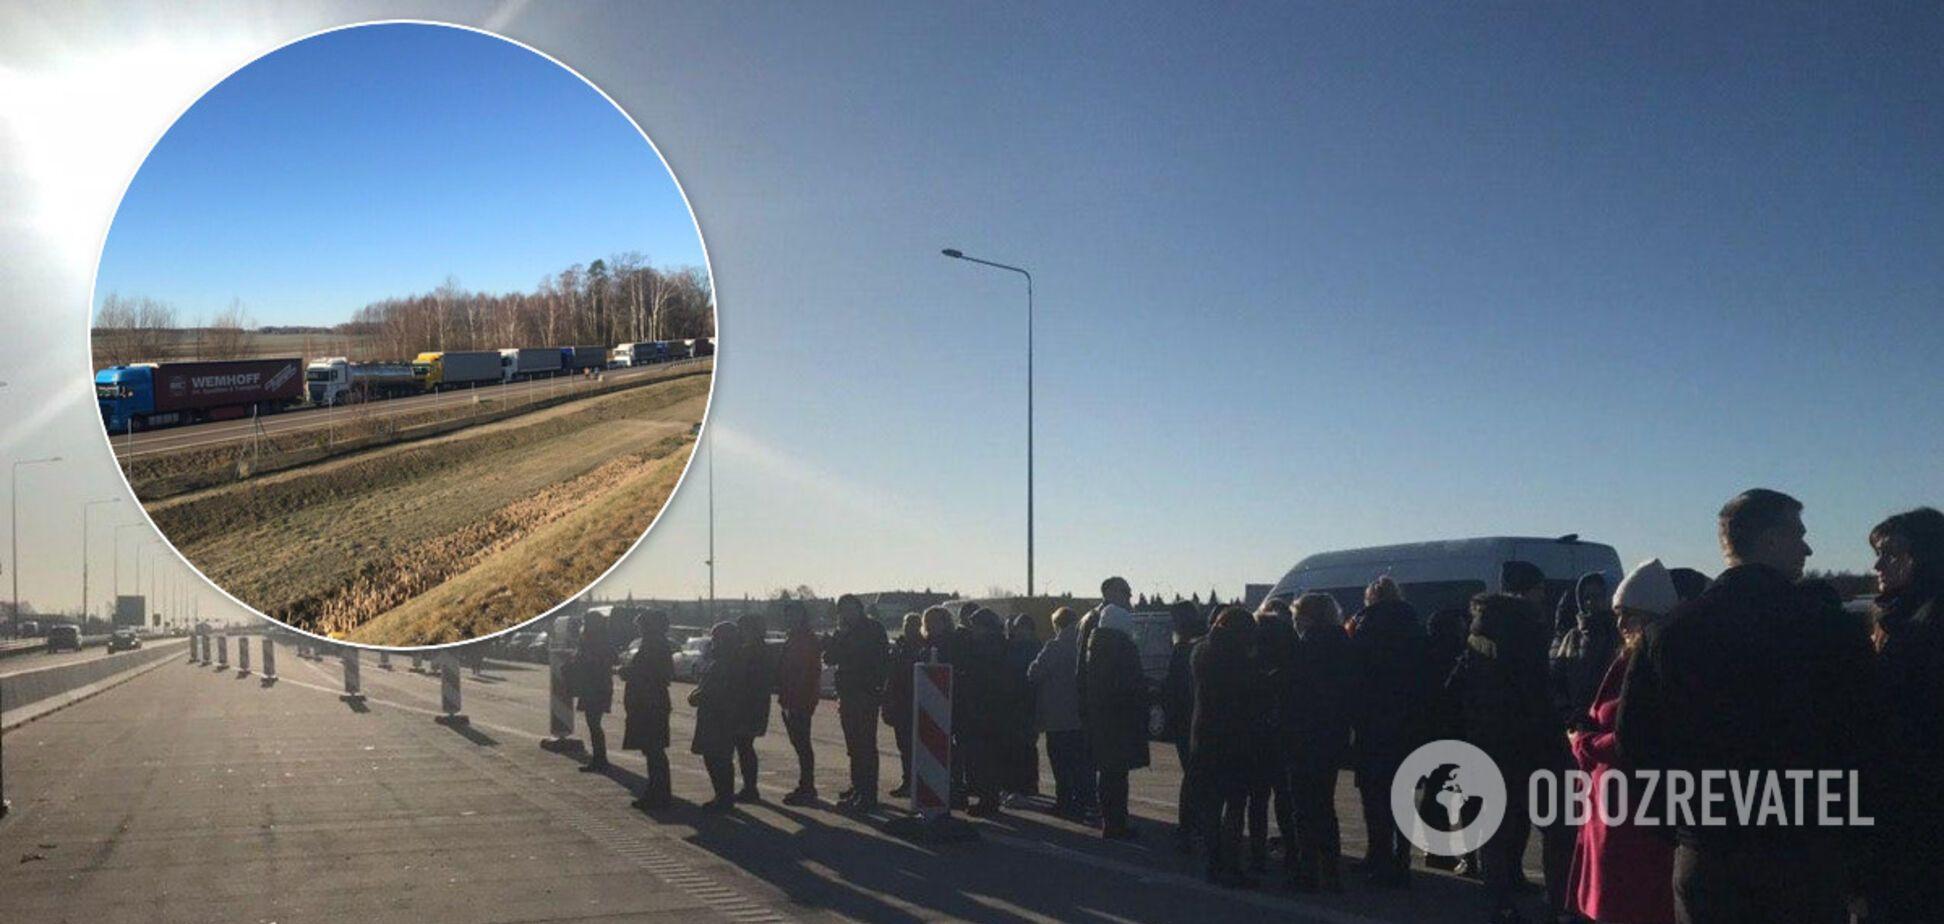 Польща закрила кордони: хто зможе в'їхати в країну після 15 березня